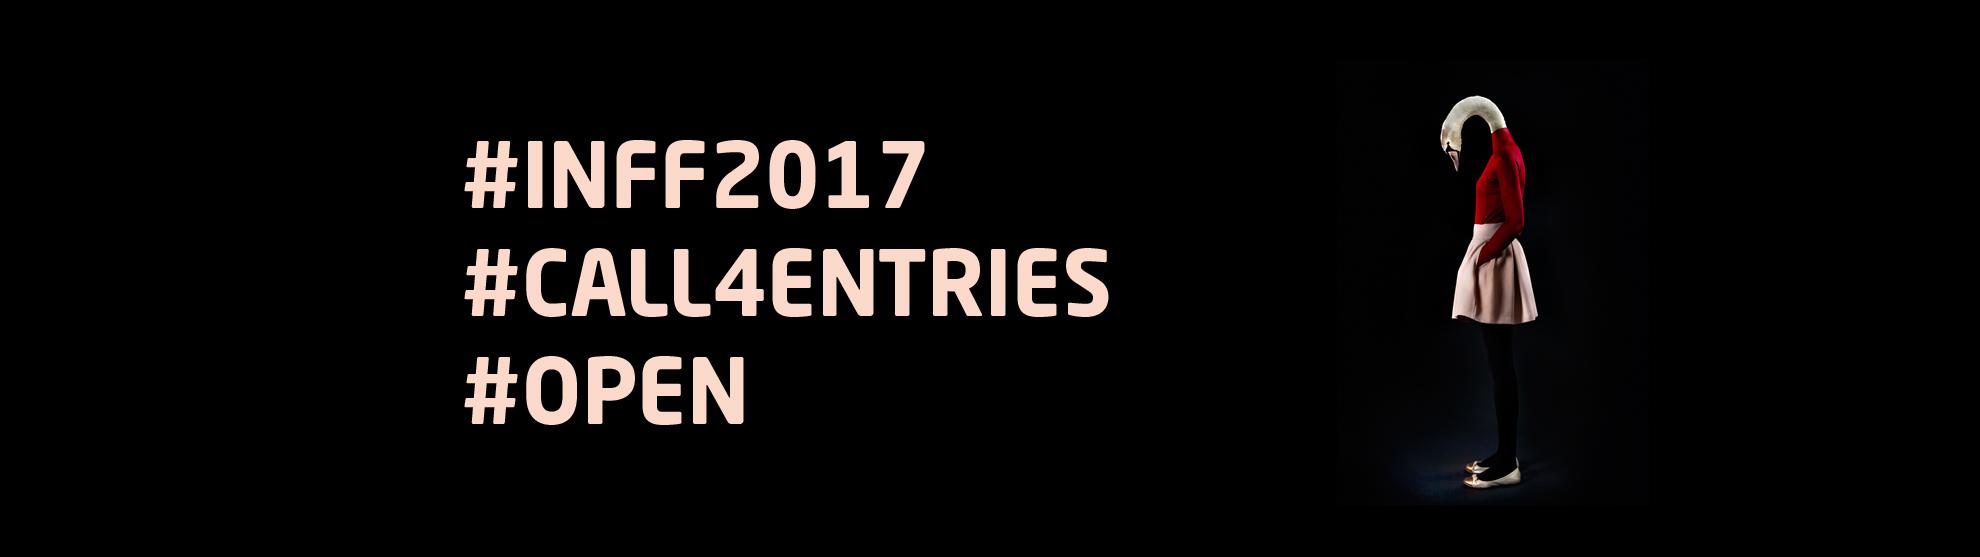 c4e2017slider_eng